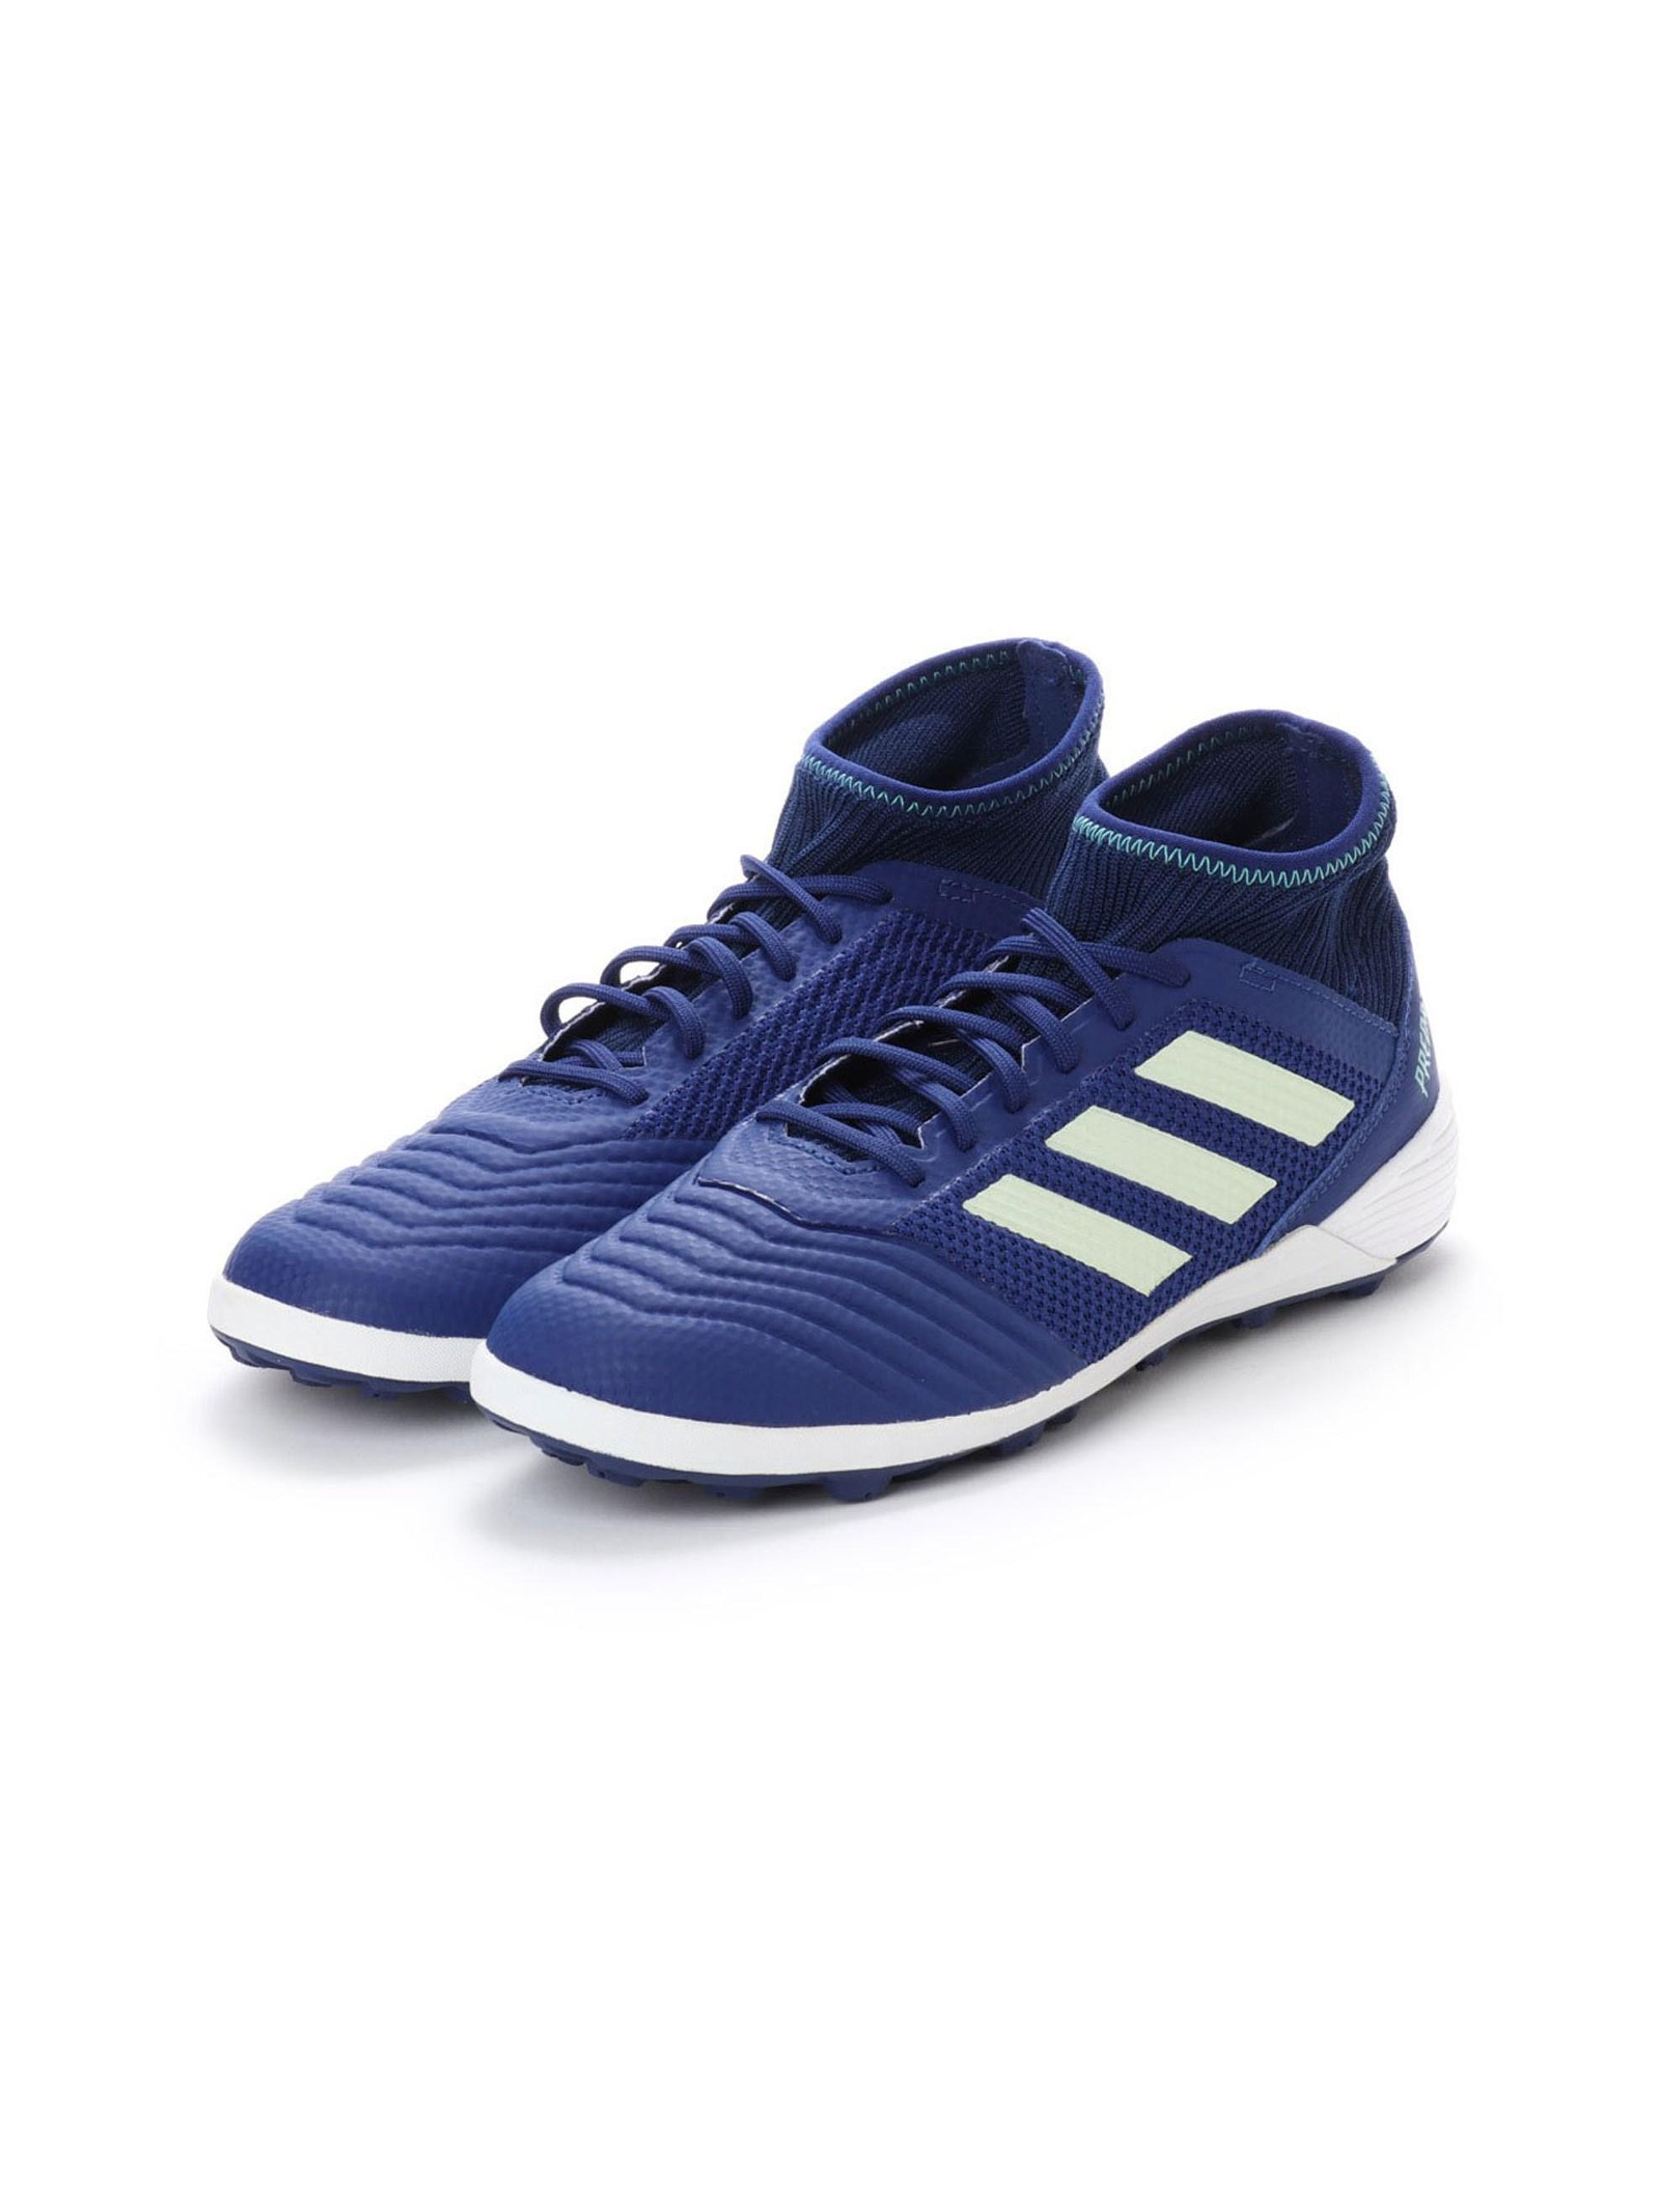 کفش فوتبال مردانه آدیداس مدل Predator Tango 18.3 Turf Boots